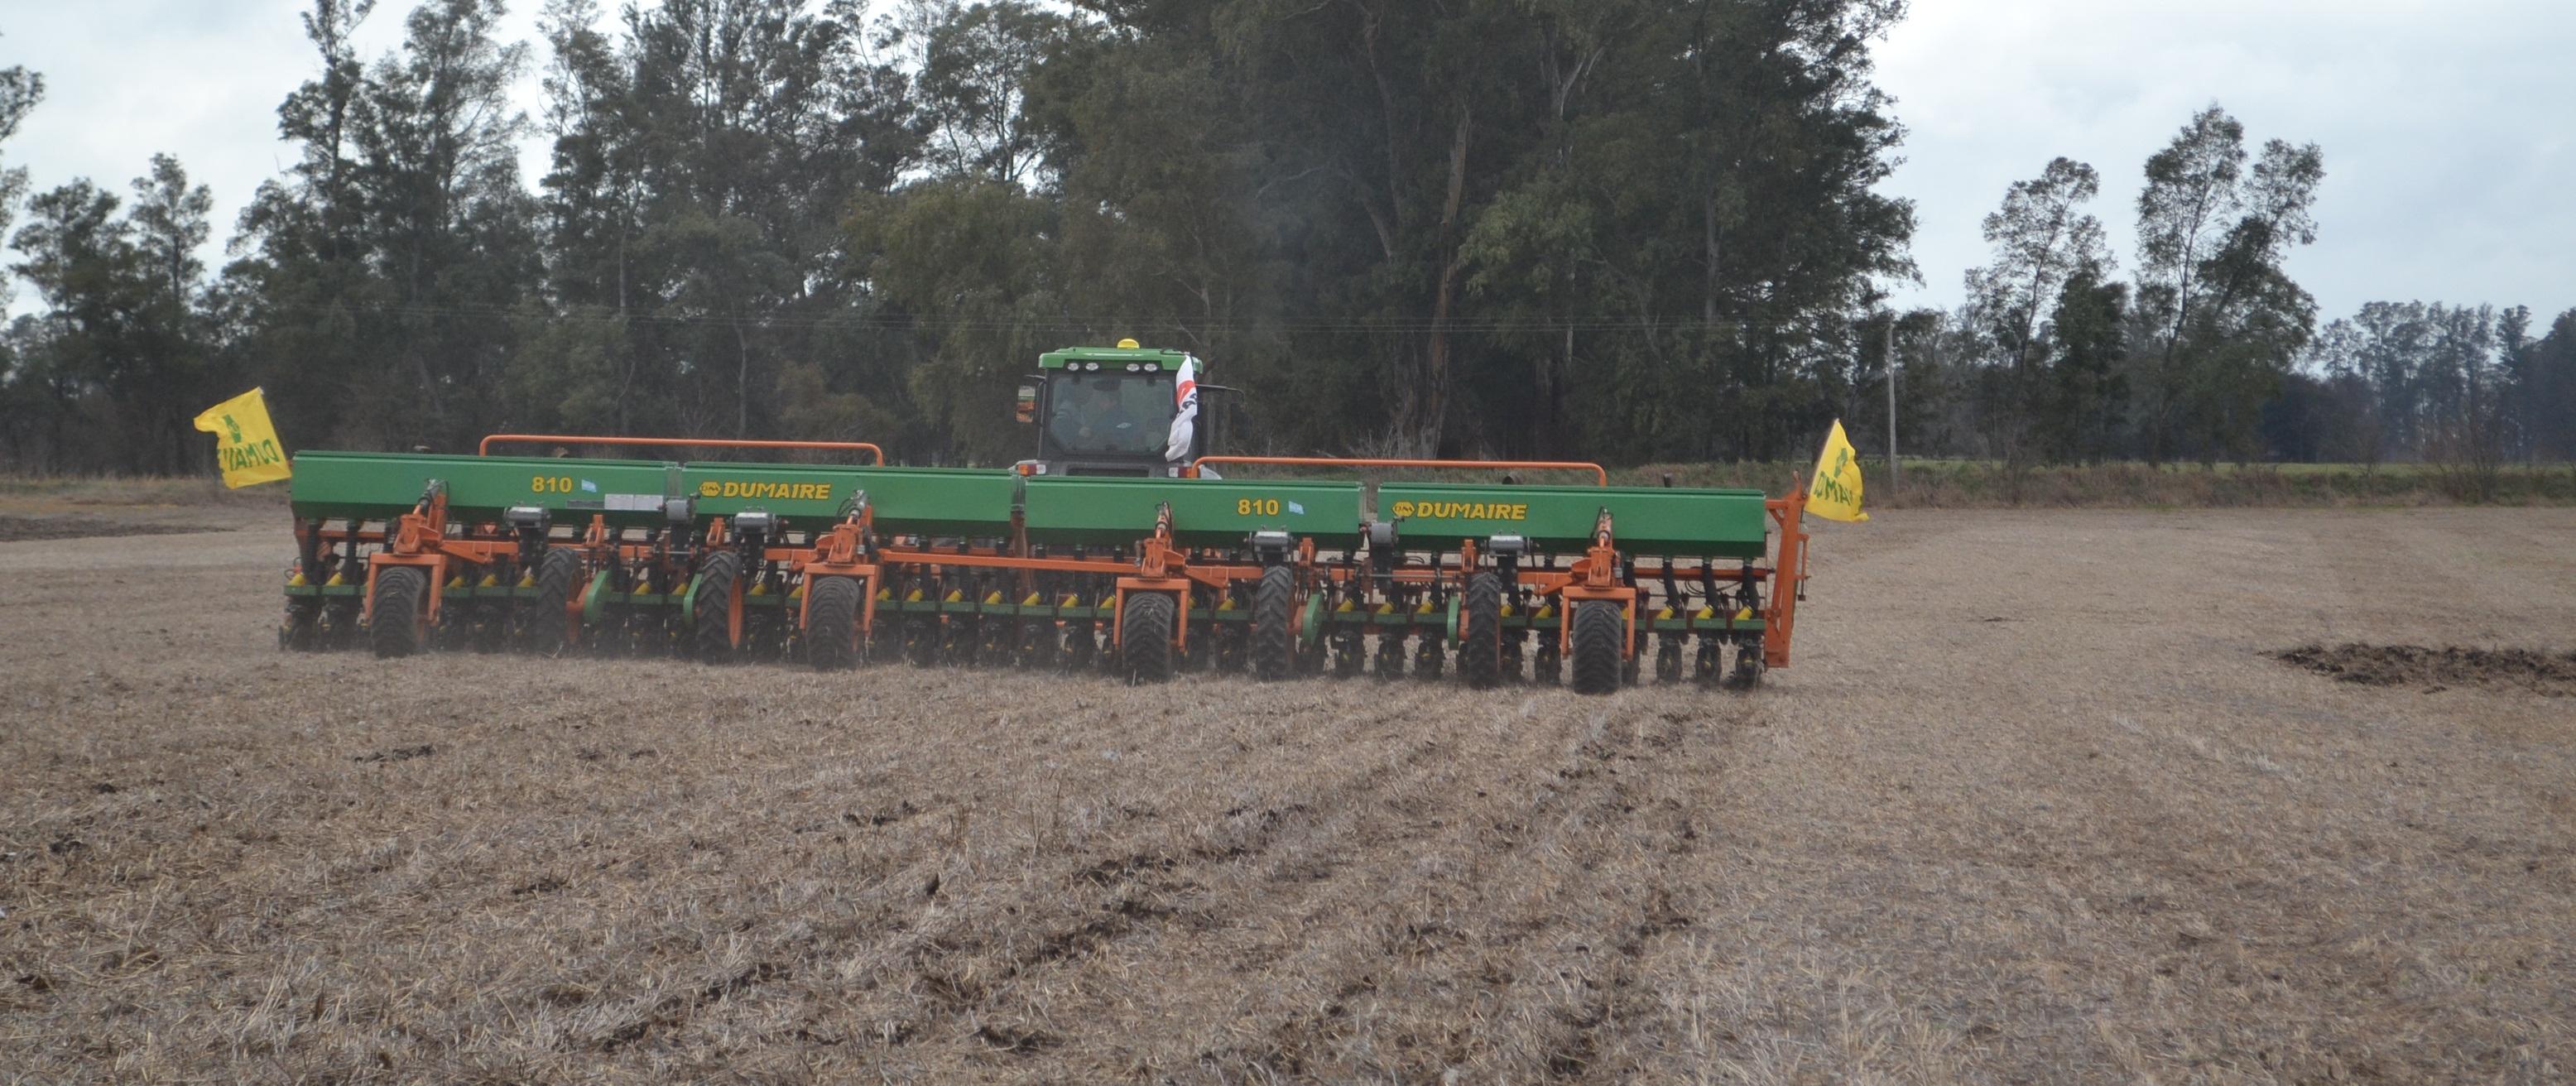 Campaña 20/21: Comenzó la siembra de trigo en9 de Julio y se implantarían 47 mil hectáreas